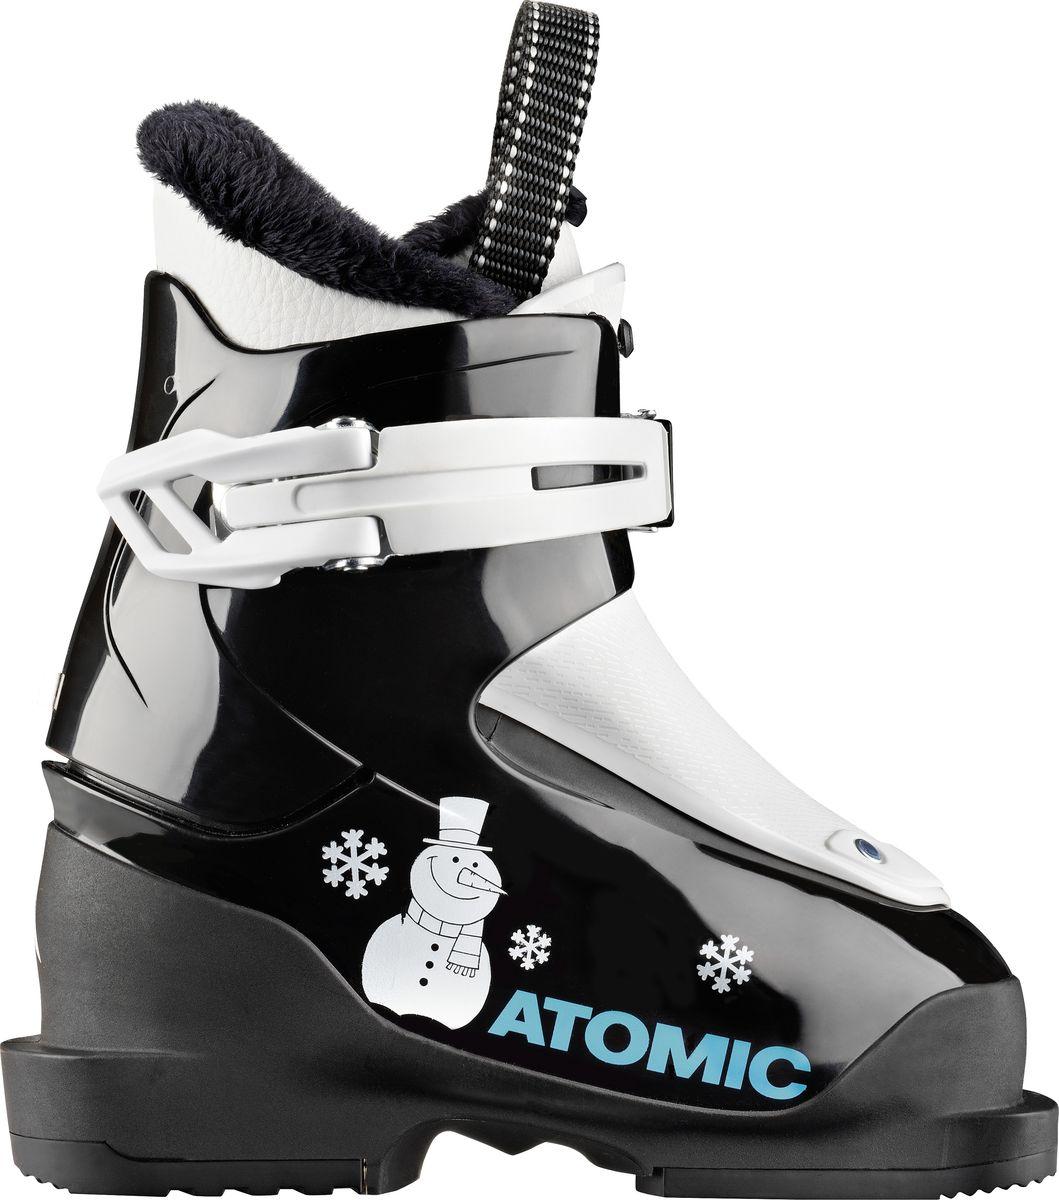 Ботинки горнолыжные Atomic Hawx Jr 1, цвет: черный, белый. Размер 24 горнолыжные ботинки atomic atomic hawx magna 110